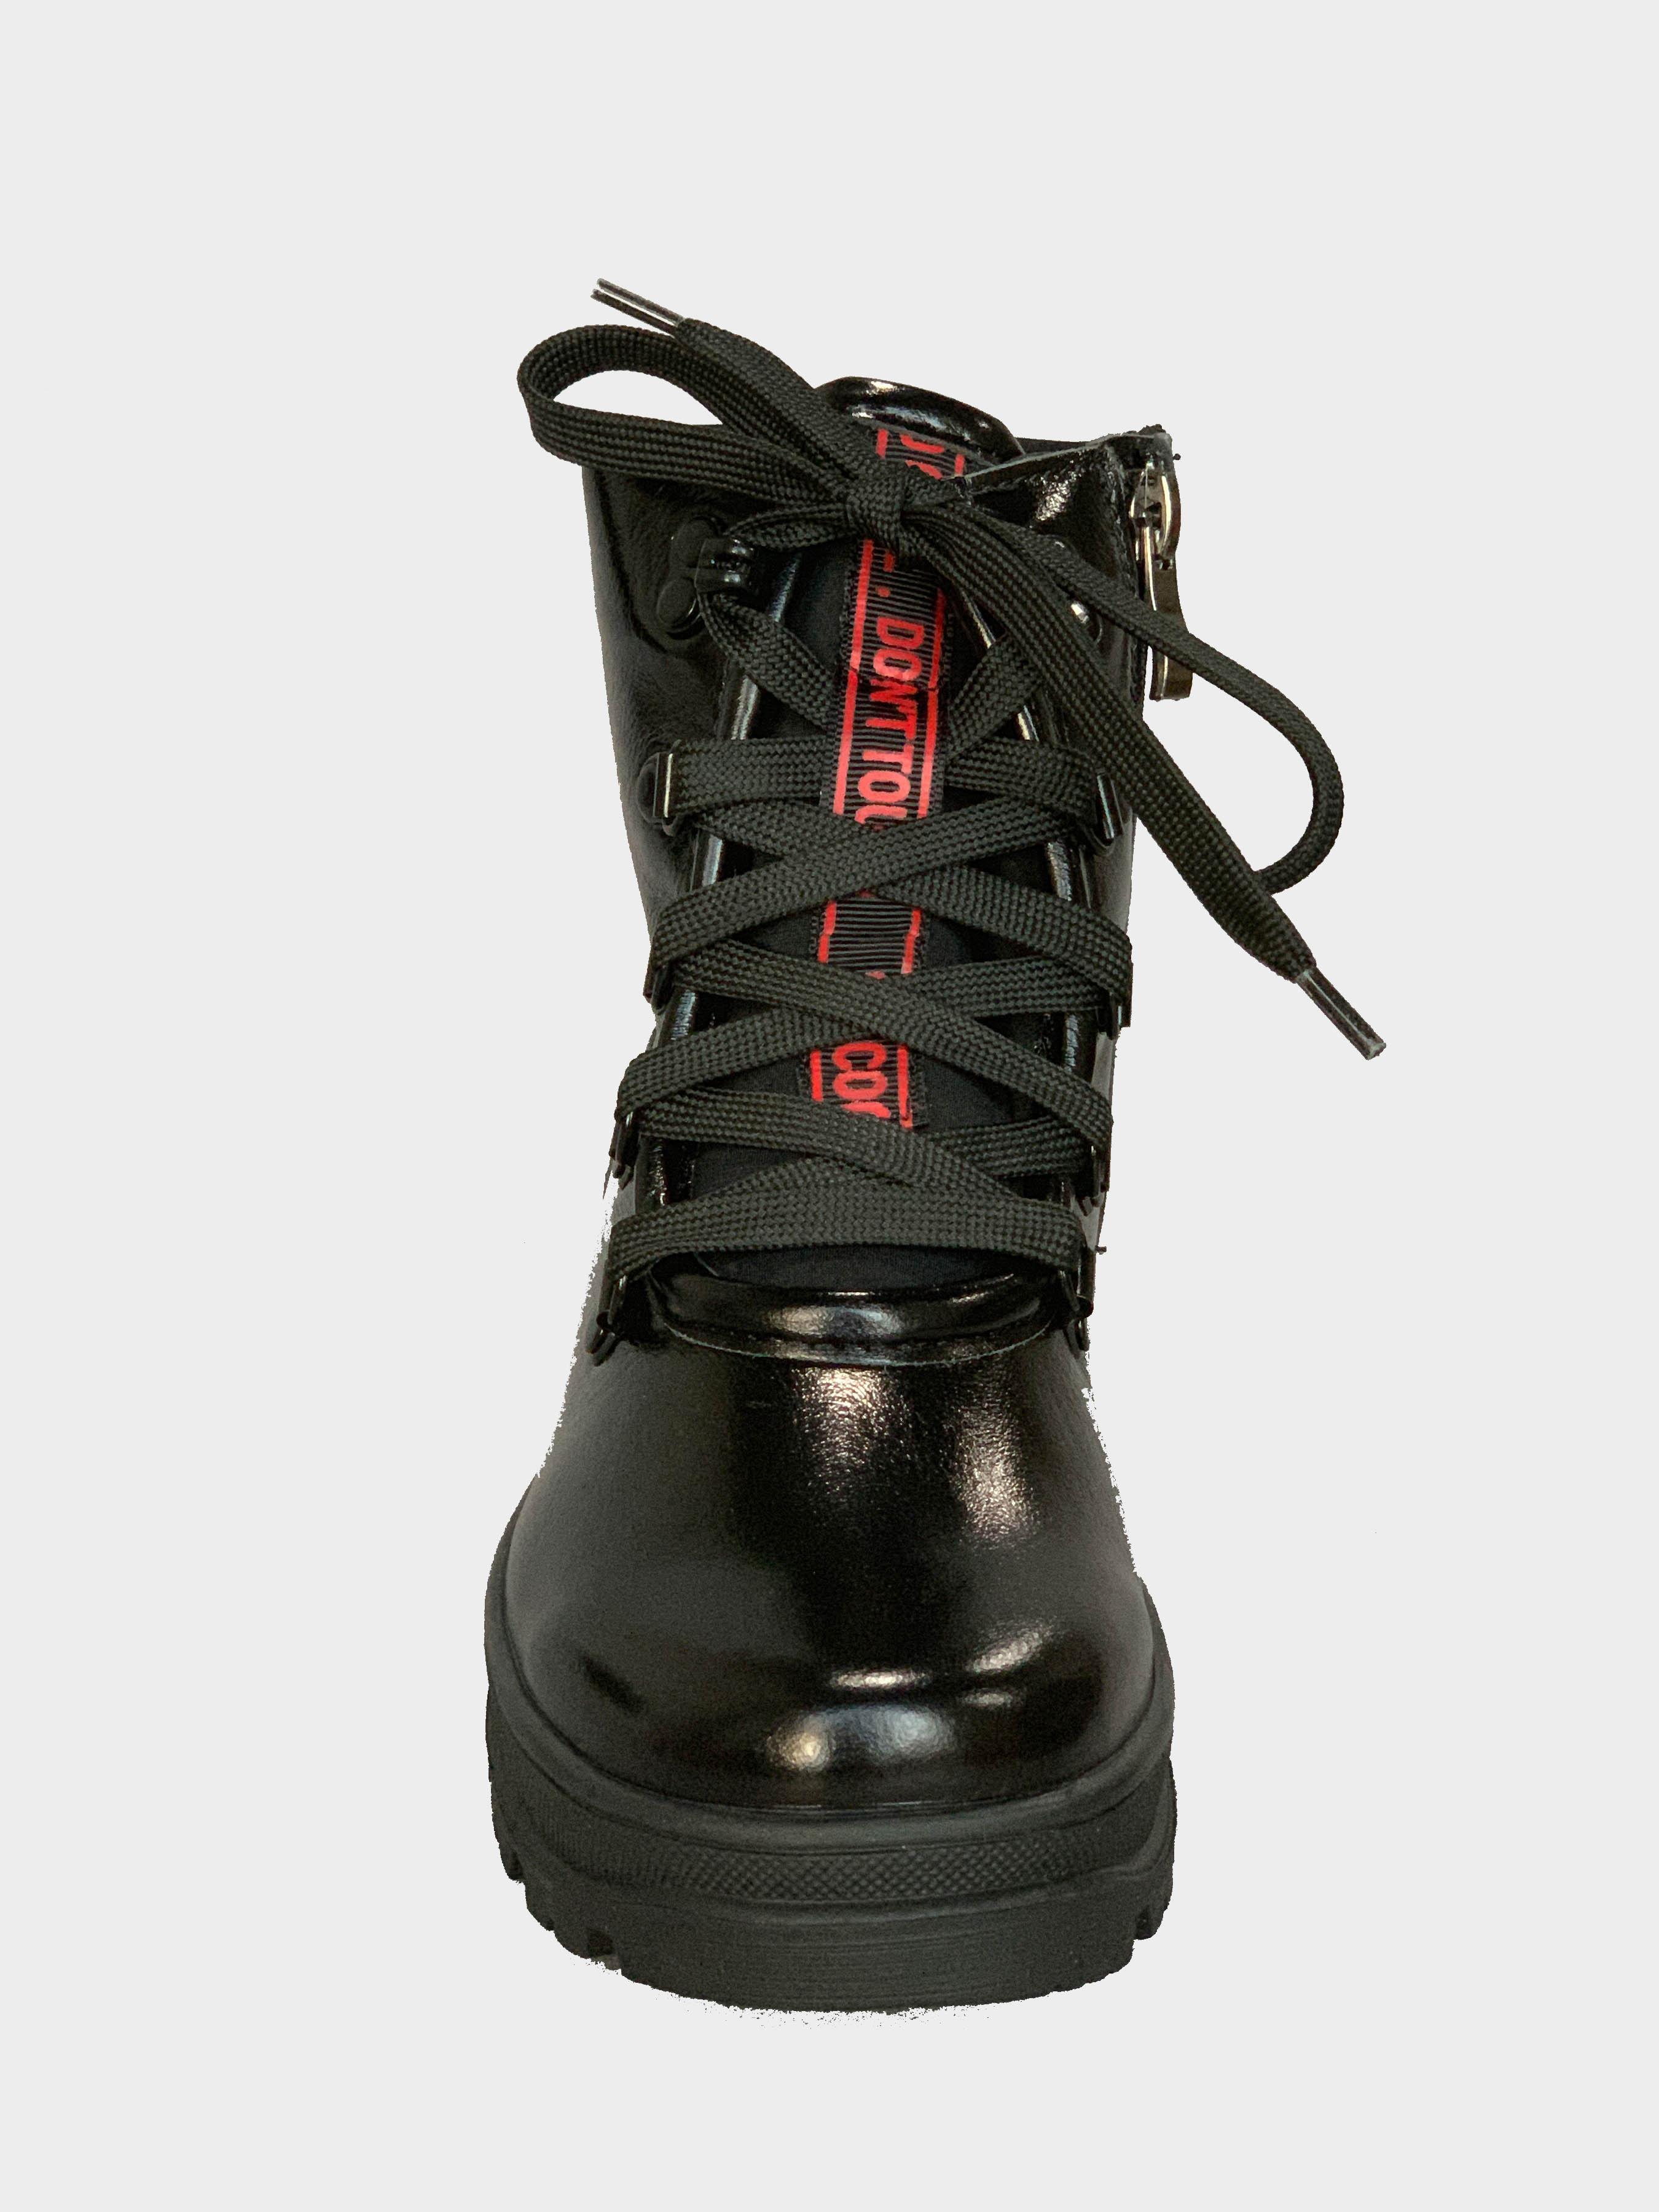 Ботинки для детей Berry Black 217-2K модная обувь, 2017